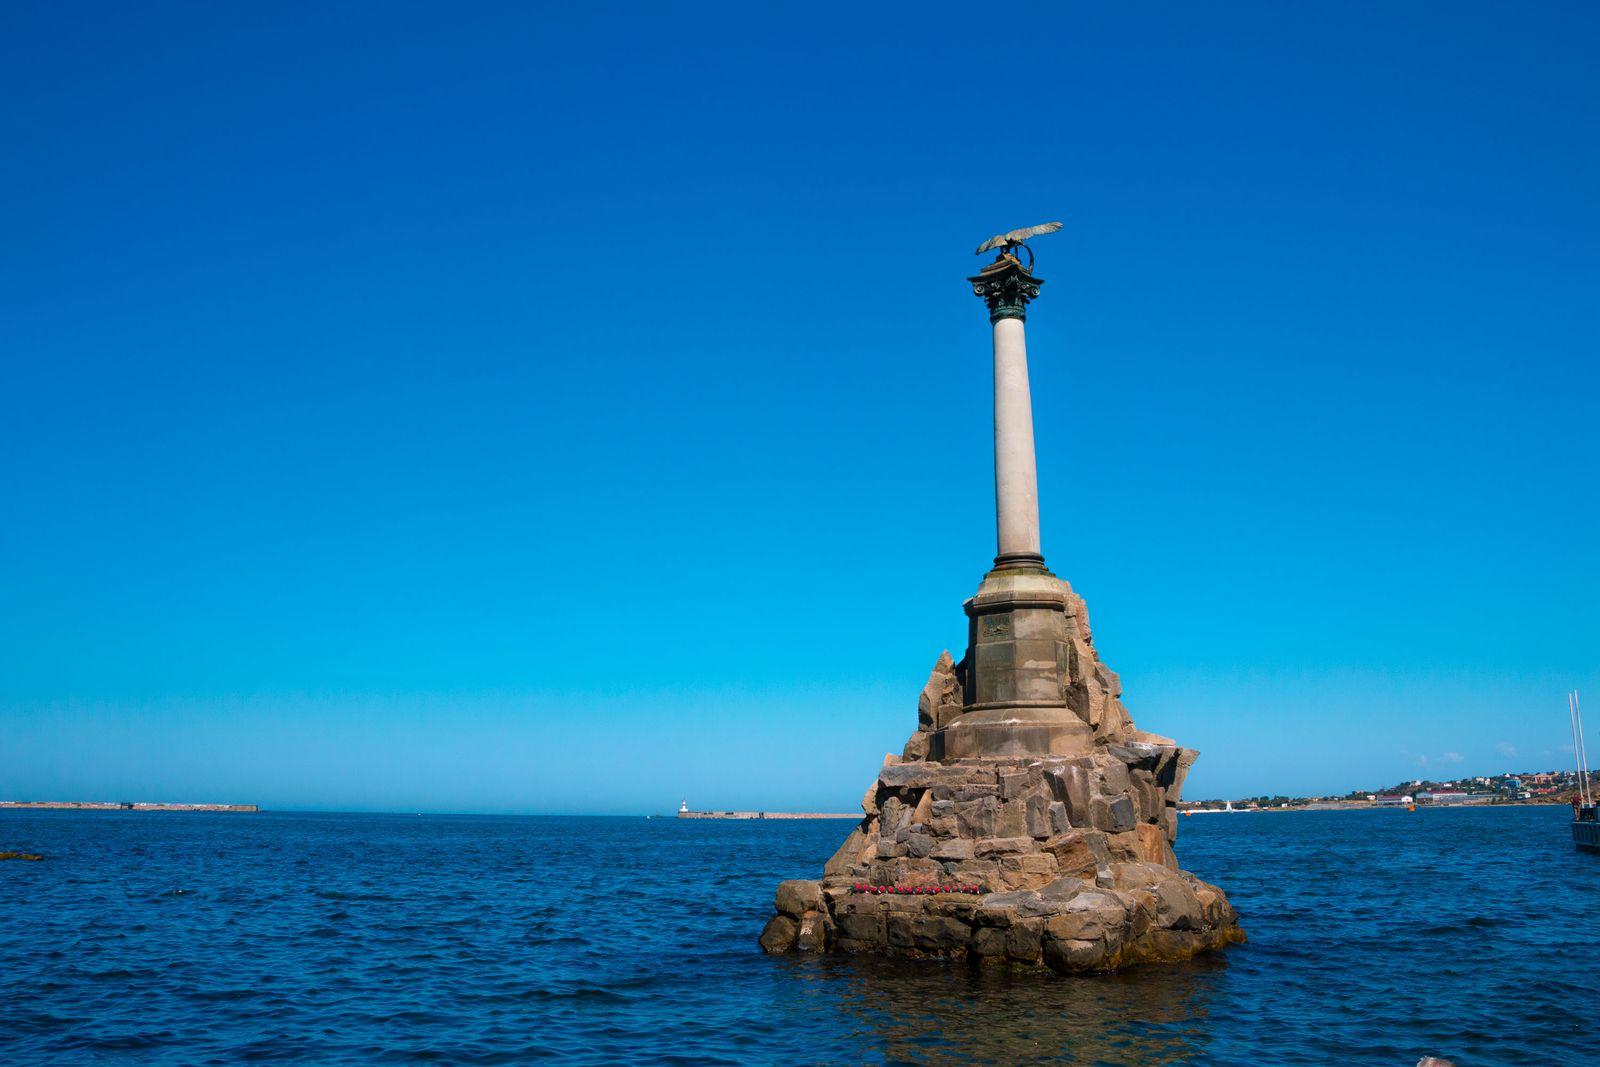 Крым. Памятник Затопленным кораблям в Севастополе